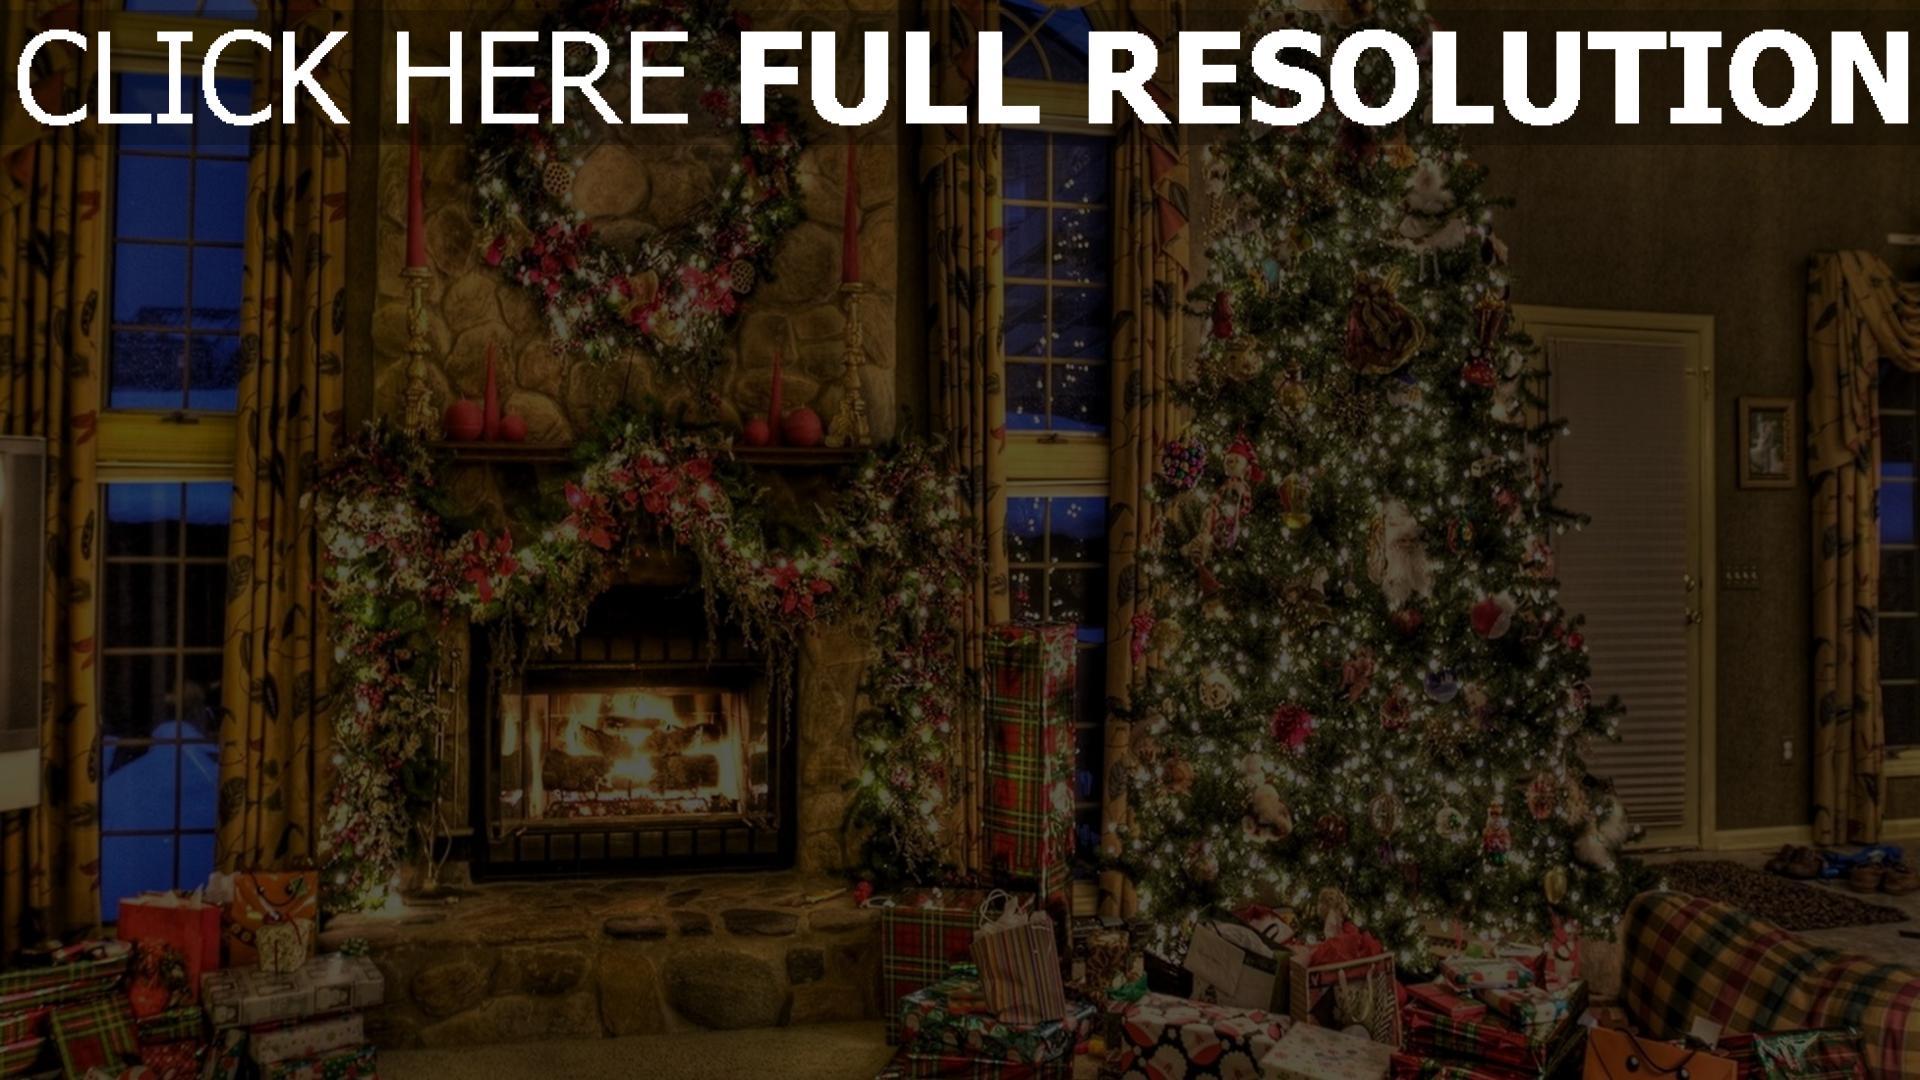 hd hintergrundbilder geschenke kranz weihnachten baum. Black Bedroom Furniture Sets. Home Design Ideas